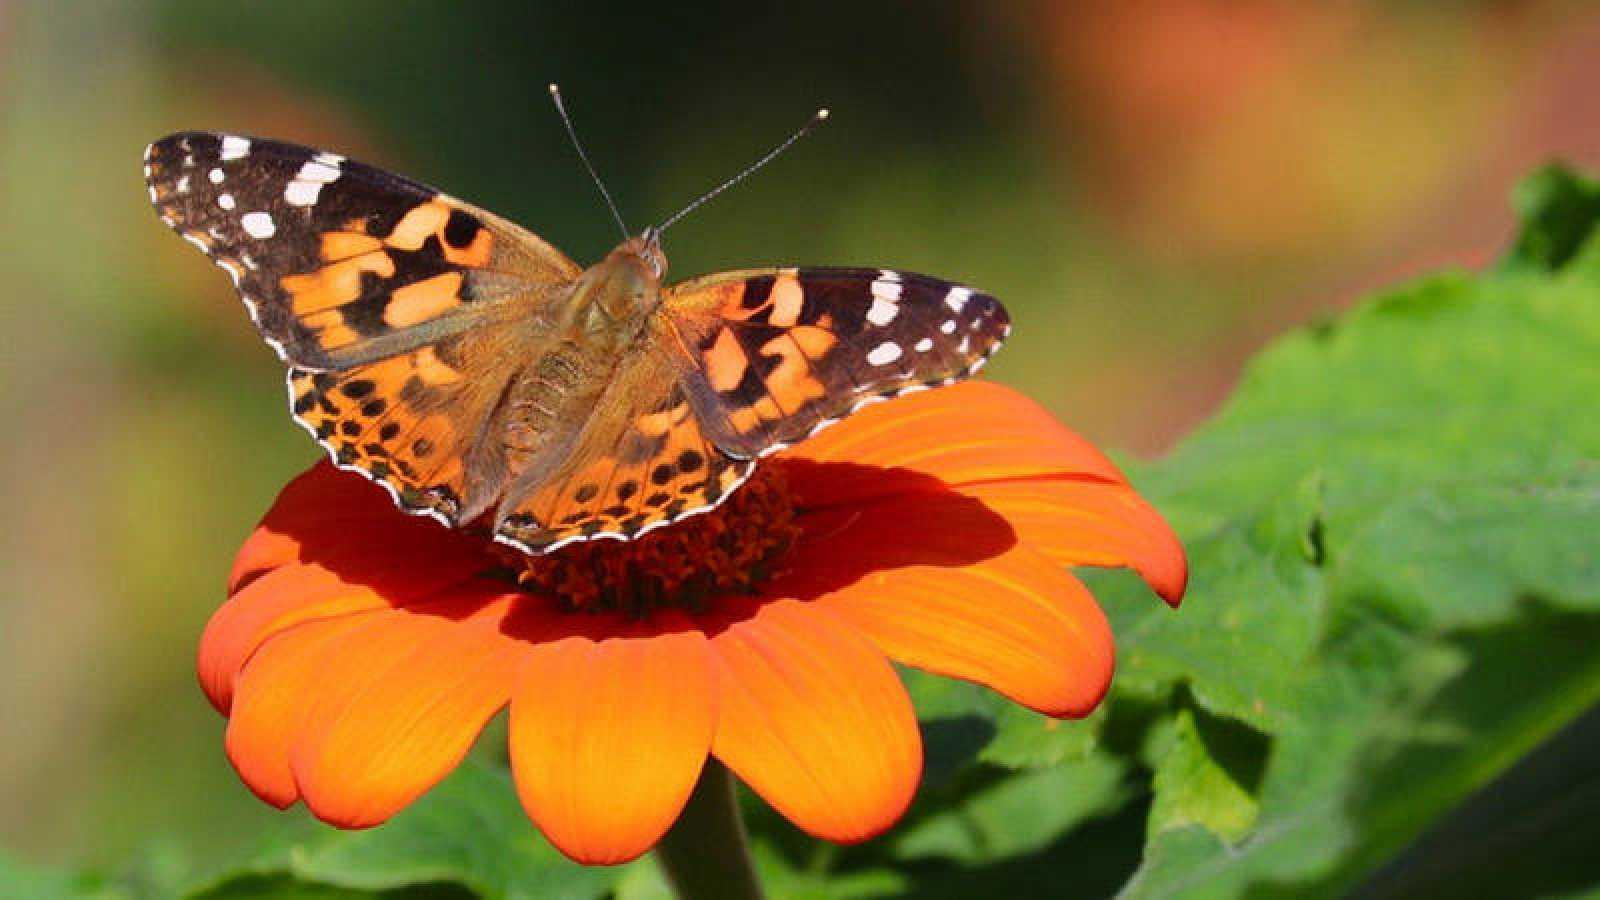 La mariposa de los cardos se instala en África tropical durante los meses de invierno.